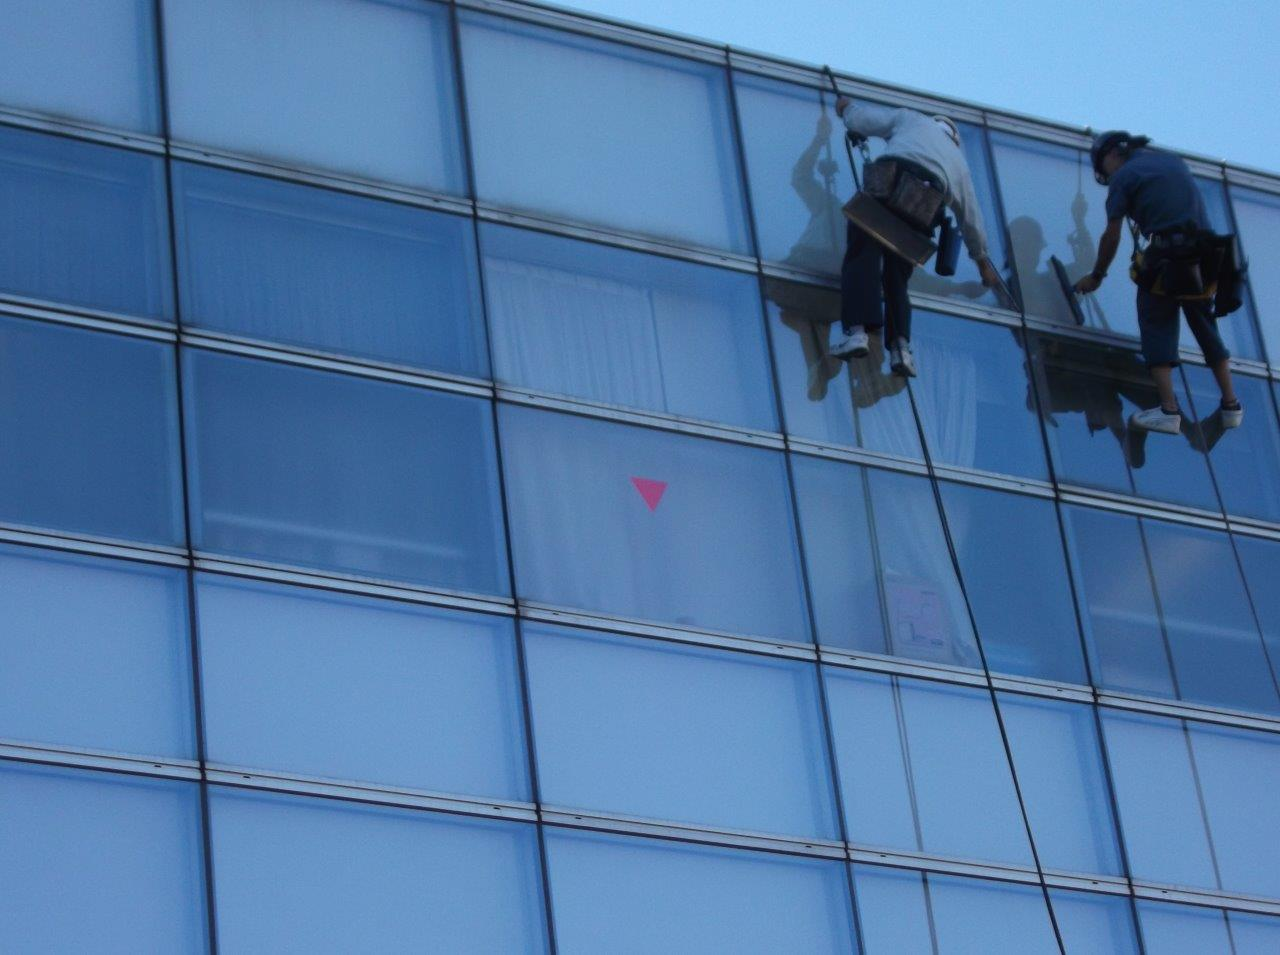 高層階の窓の定期清掃